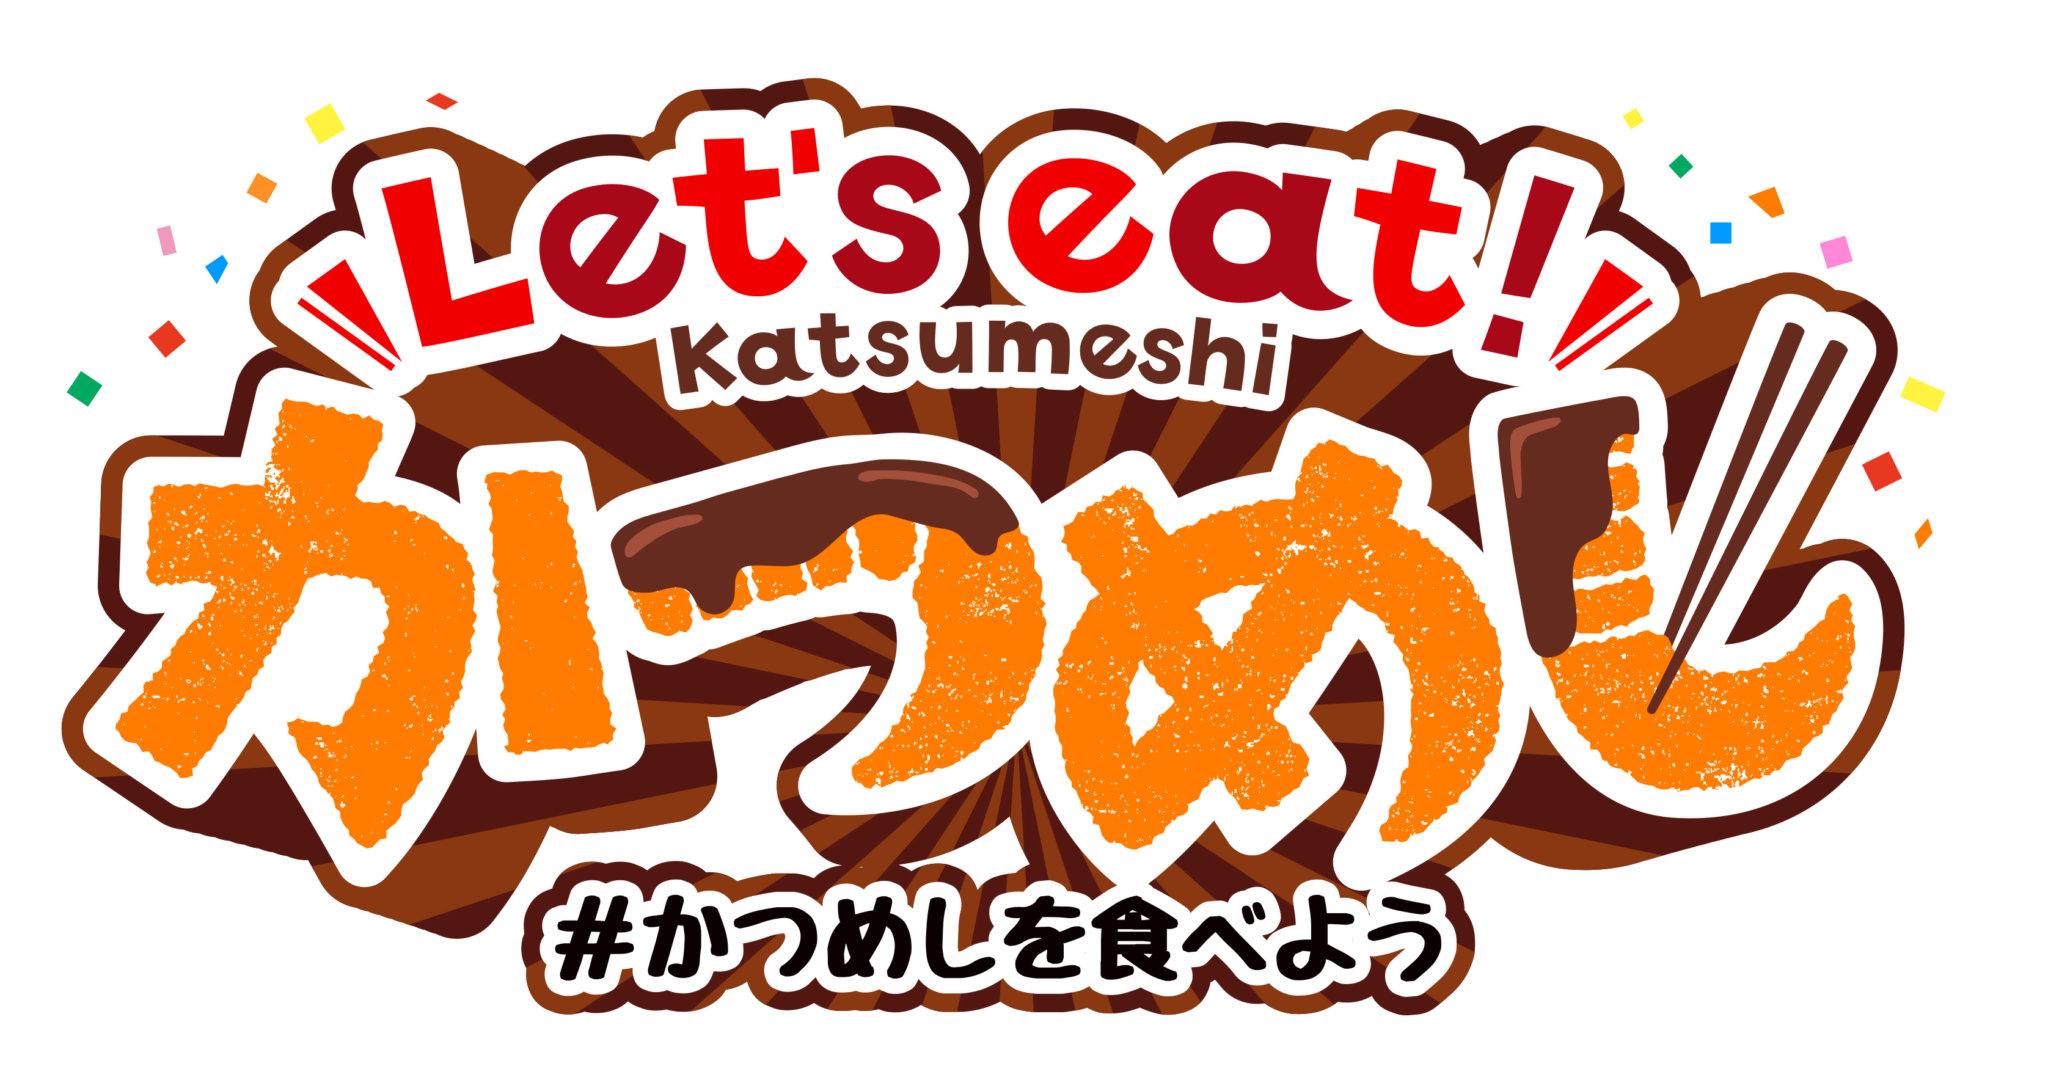 Let's eat かつめしロゴ